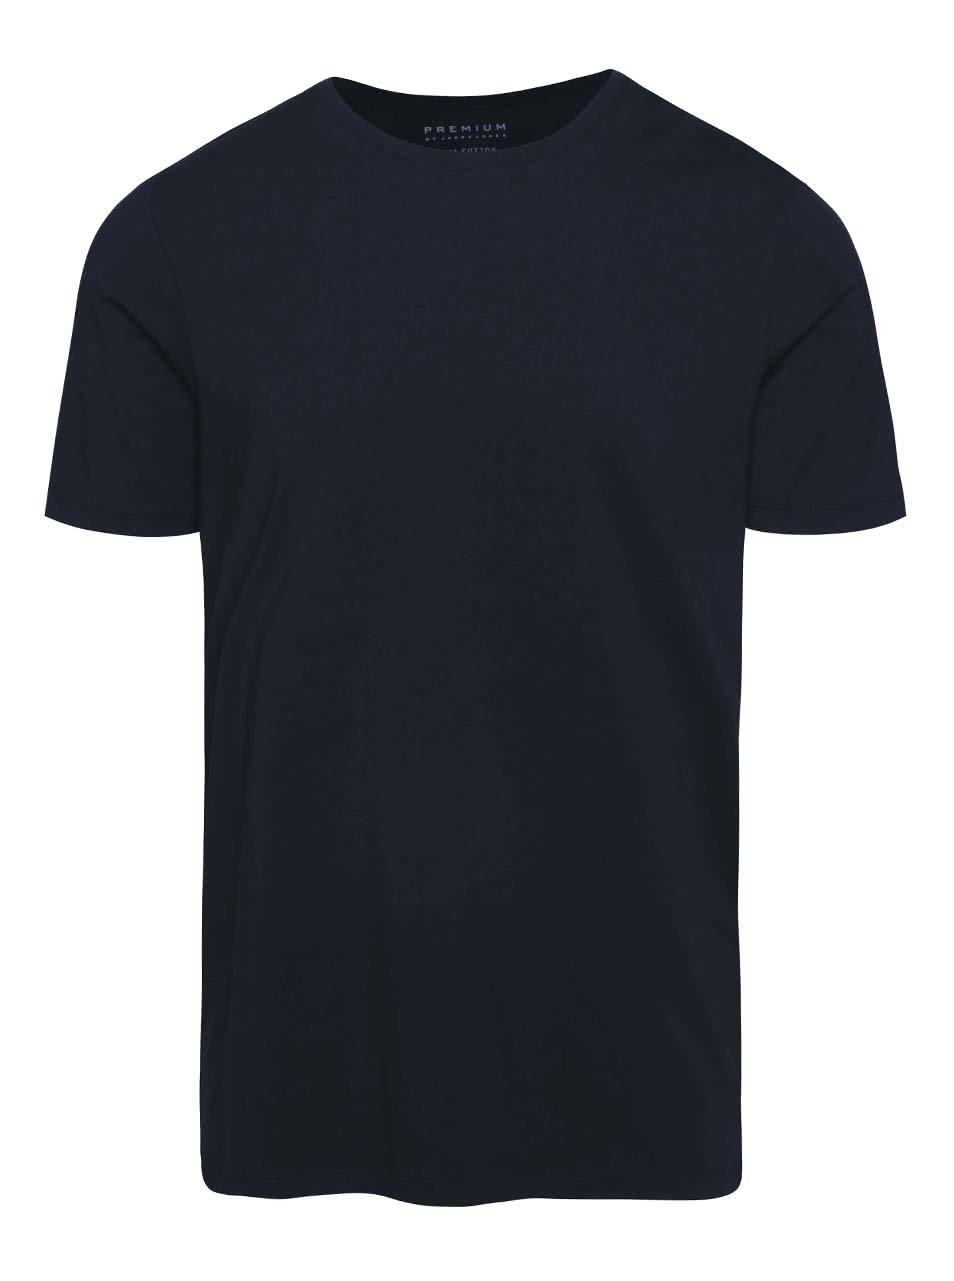 Tmavě modré basic triko s krátkým rukávem Jack & Jones Pima